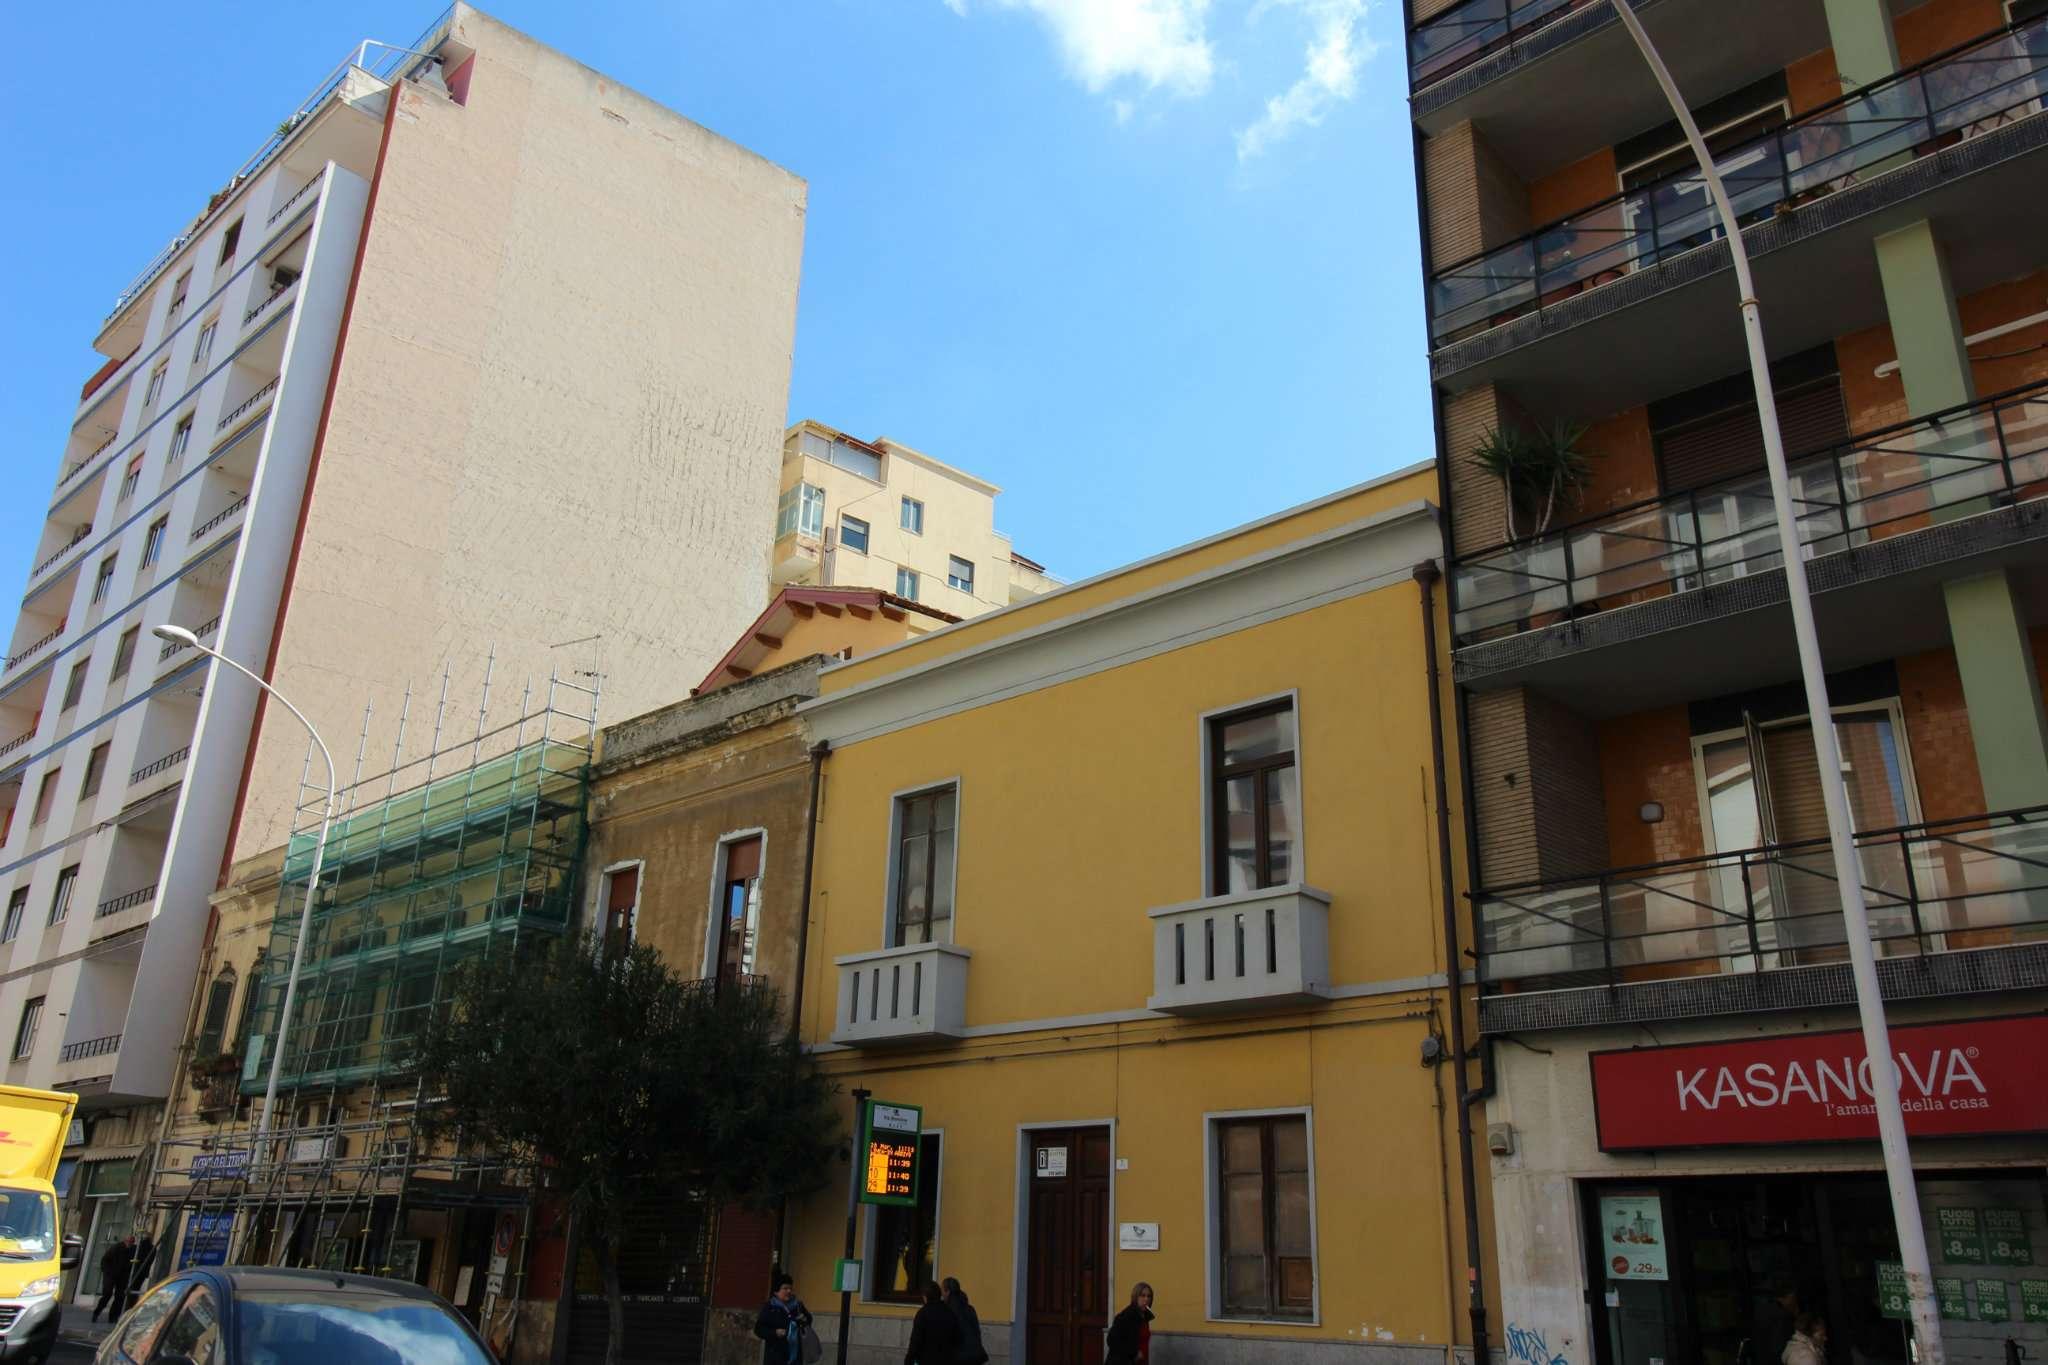 Appartamento quadrilocale in vendita a Cagliari (CA)